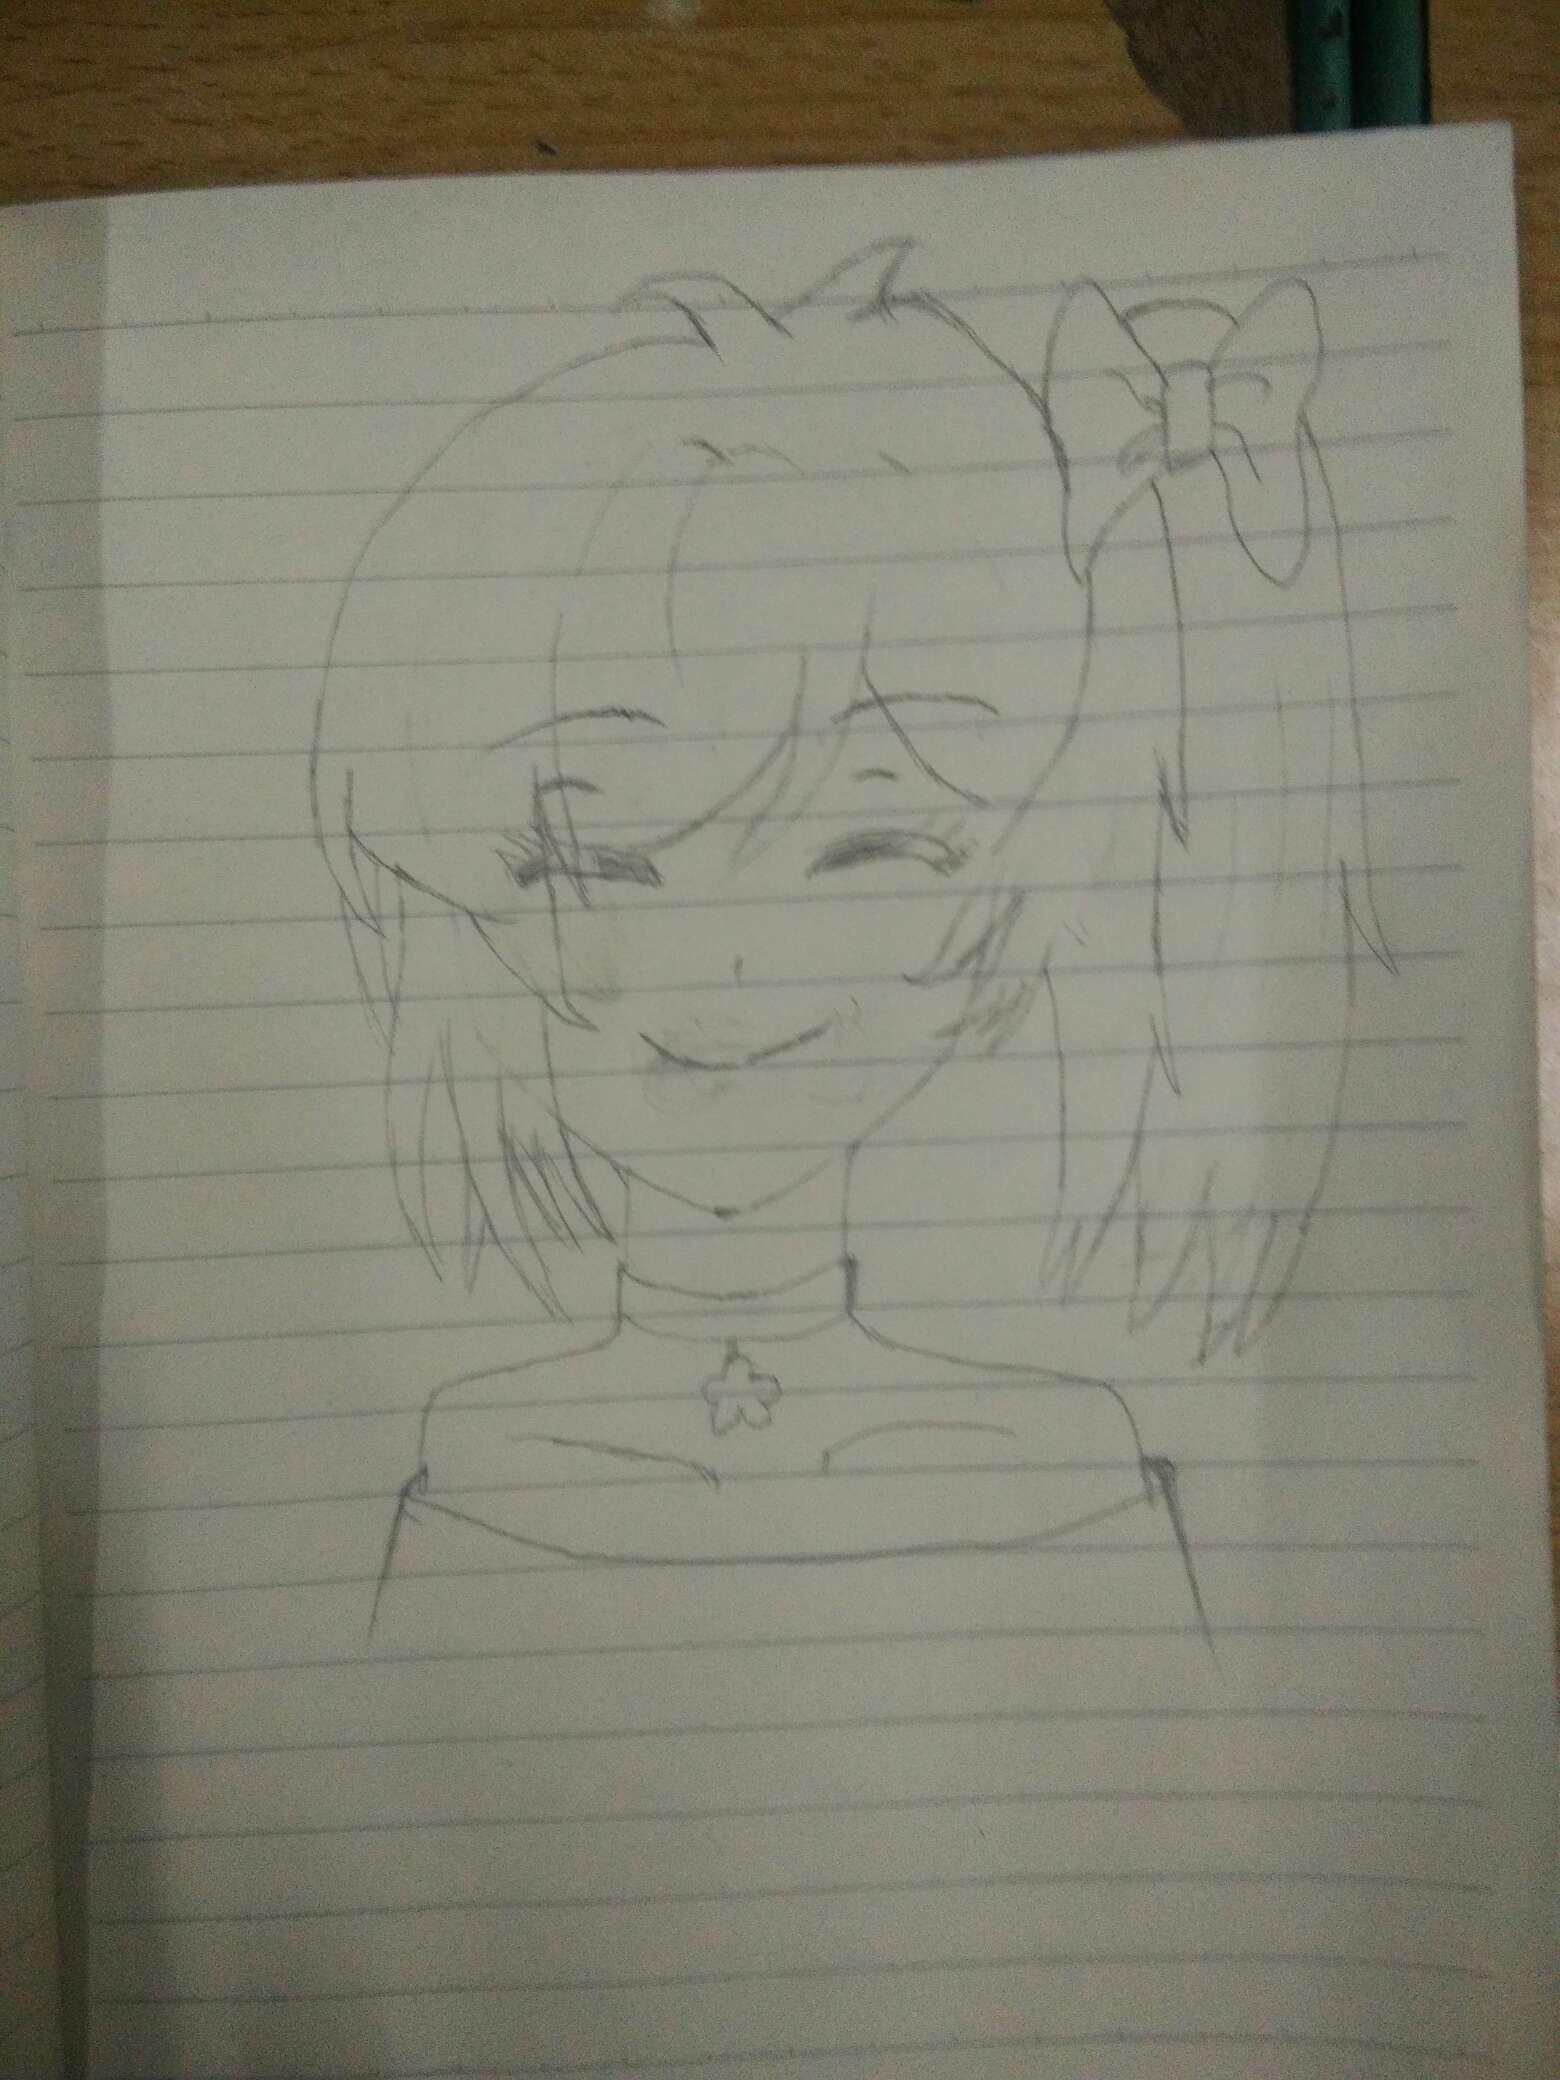 【手绘】练习绘画第一天-小柚妹站